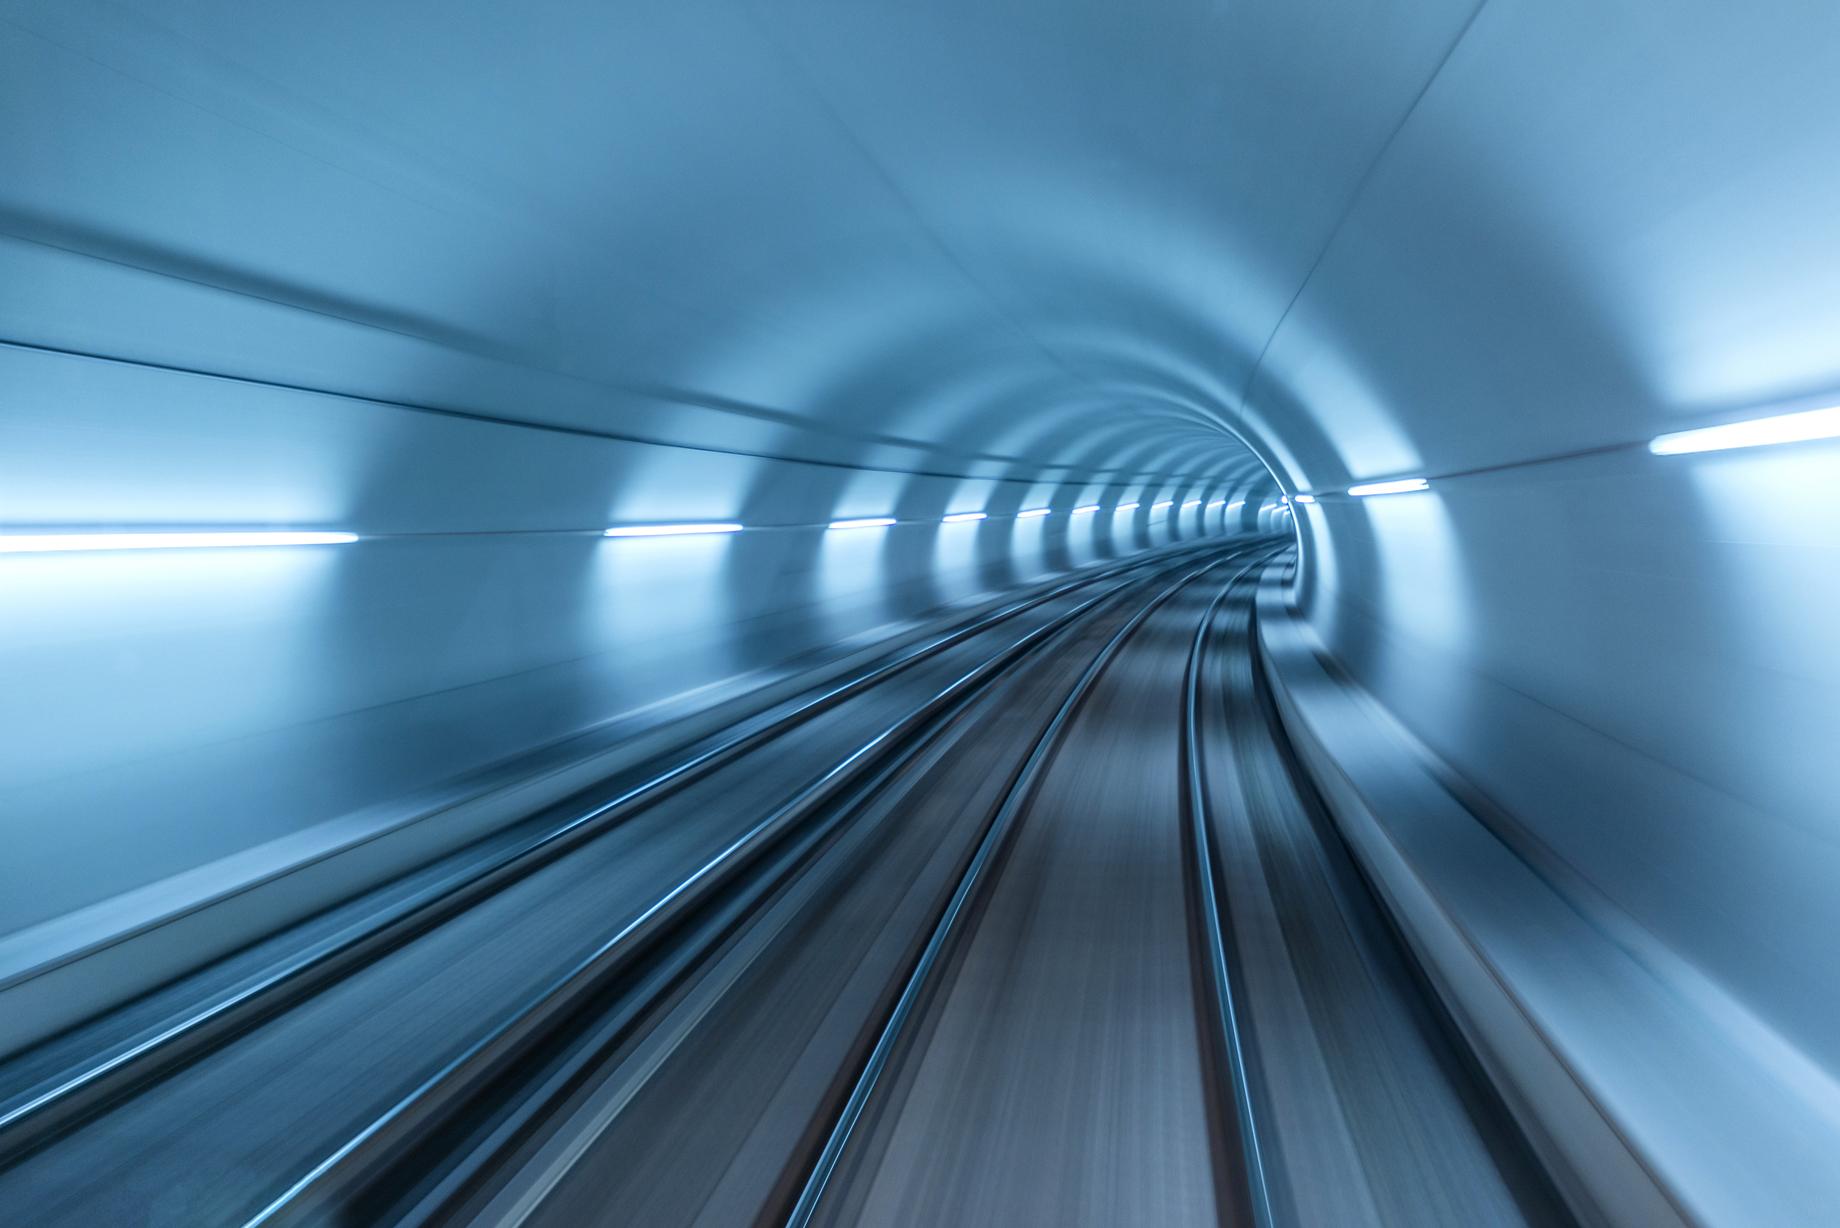 Étude de cas du projet TTK : Ligne rouge du métro du Qatar